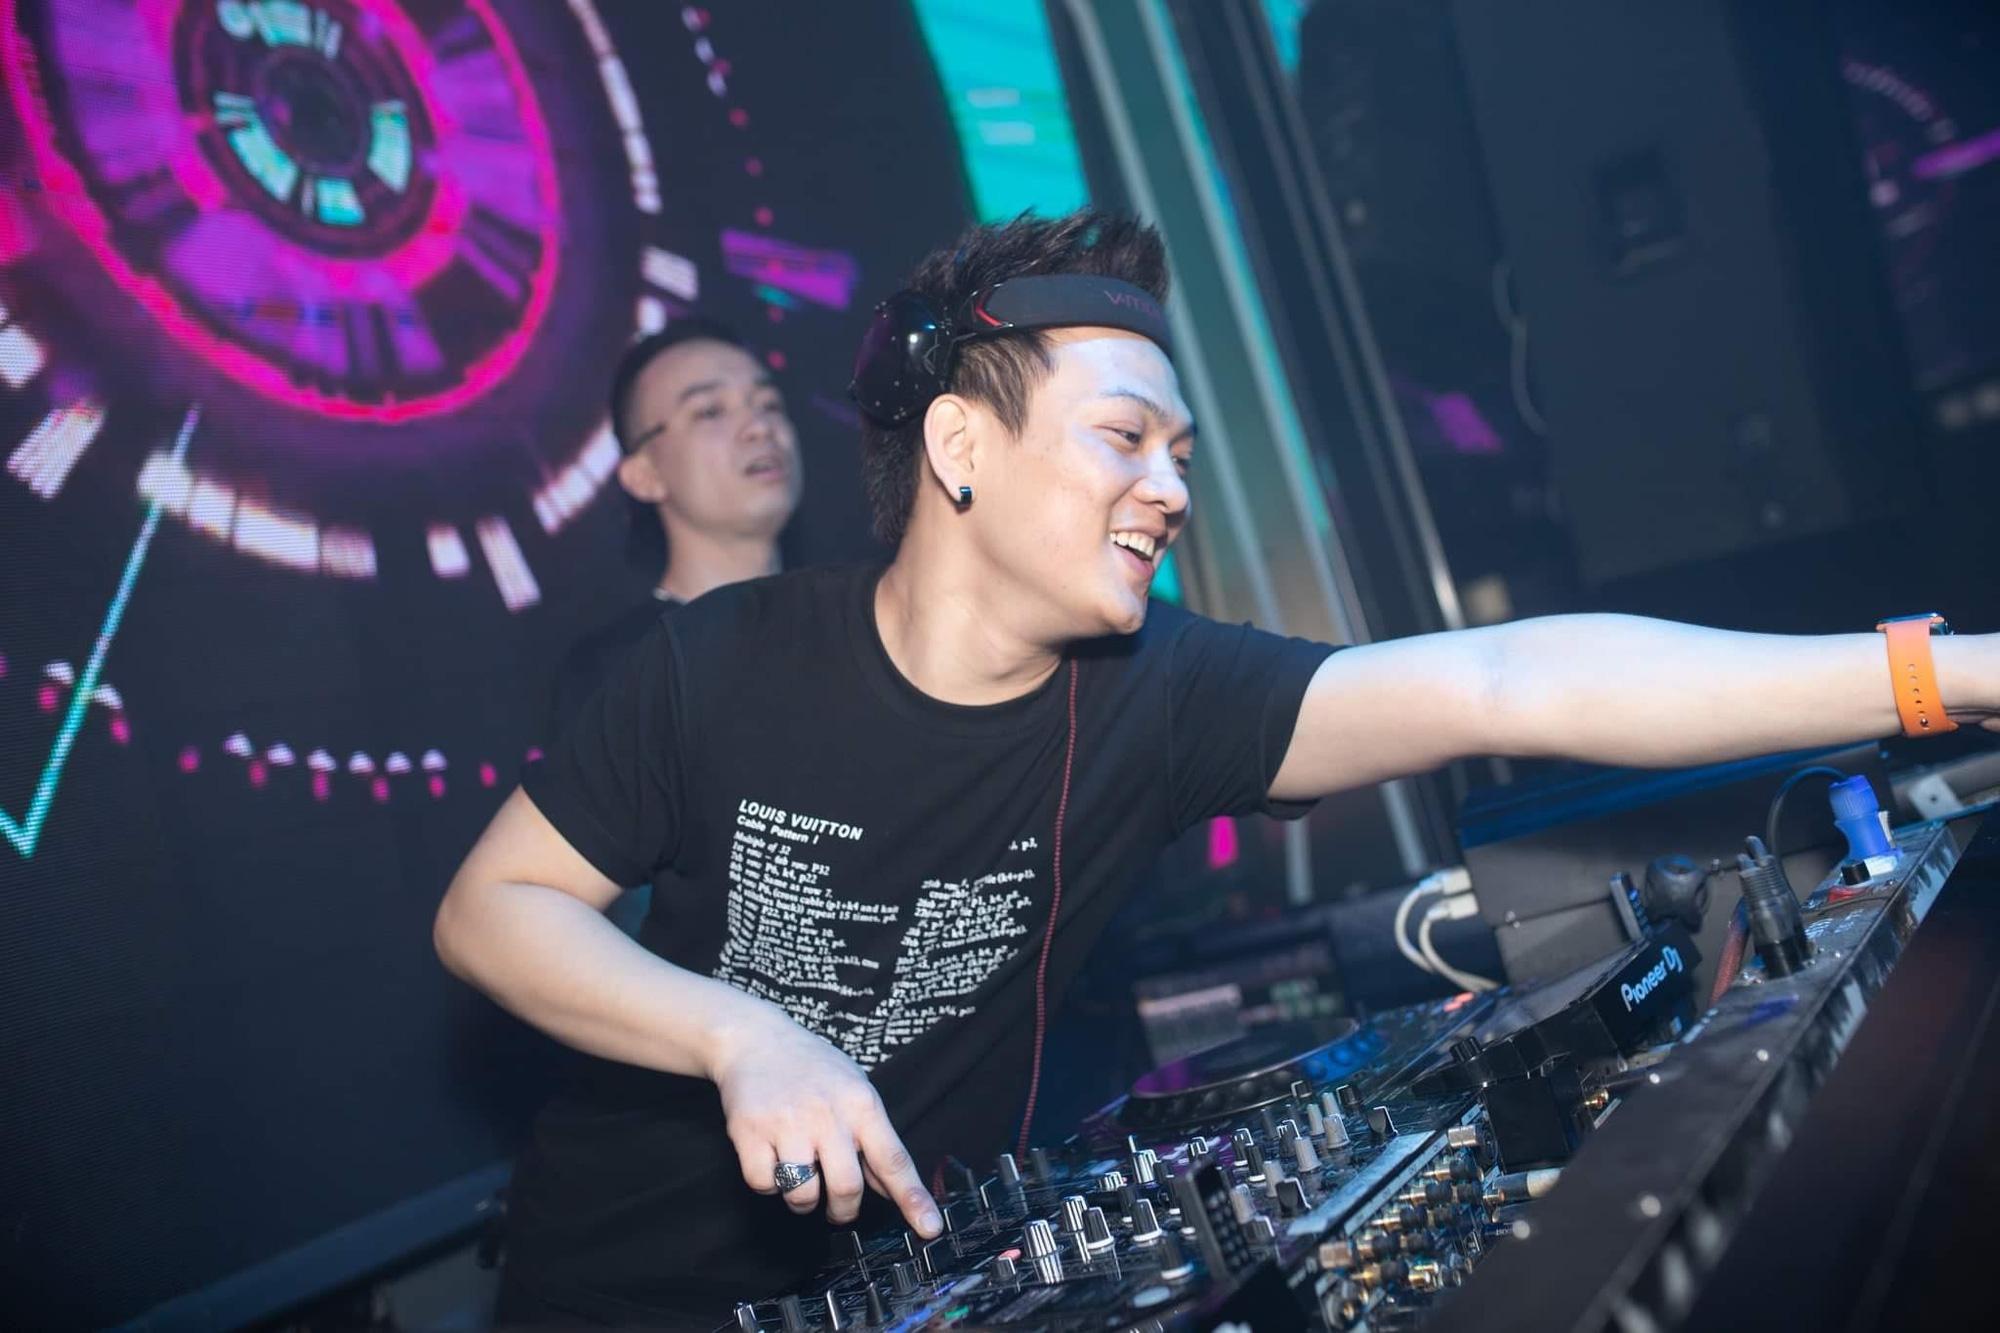 Loạt hot DJ sẽ cùng hội tụ tại sự kiện kỉ niệm 12 năm làm nghề của DJ Hùng Teddy - Ảnh 2.